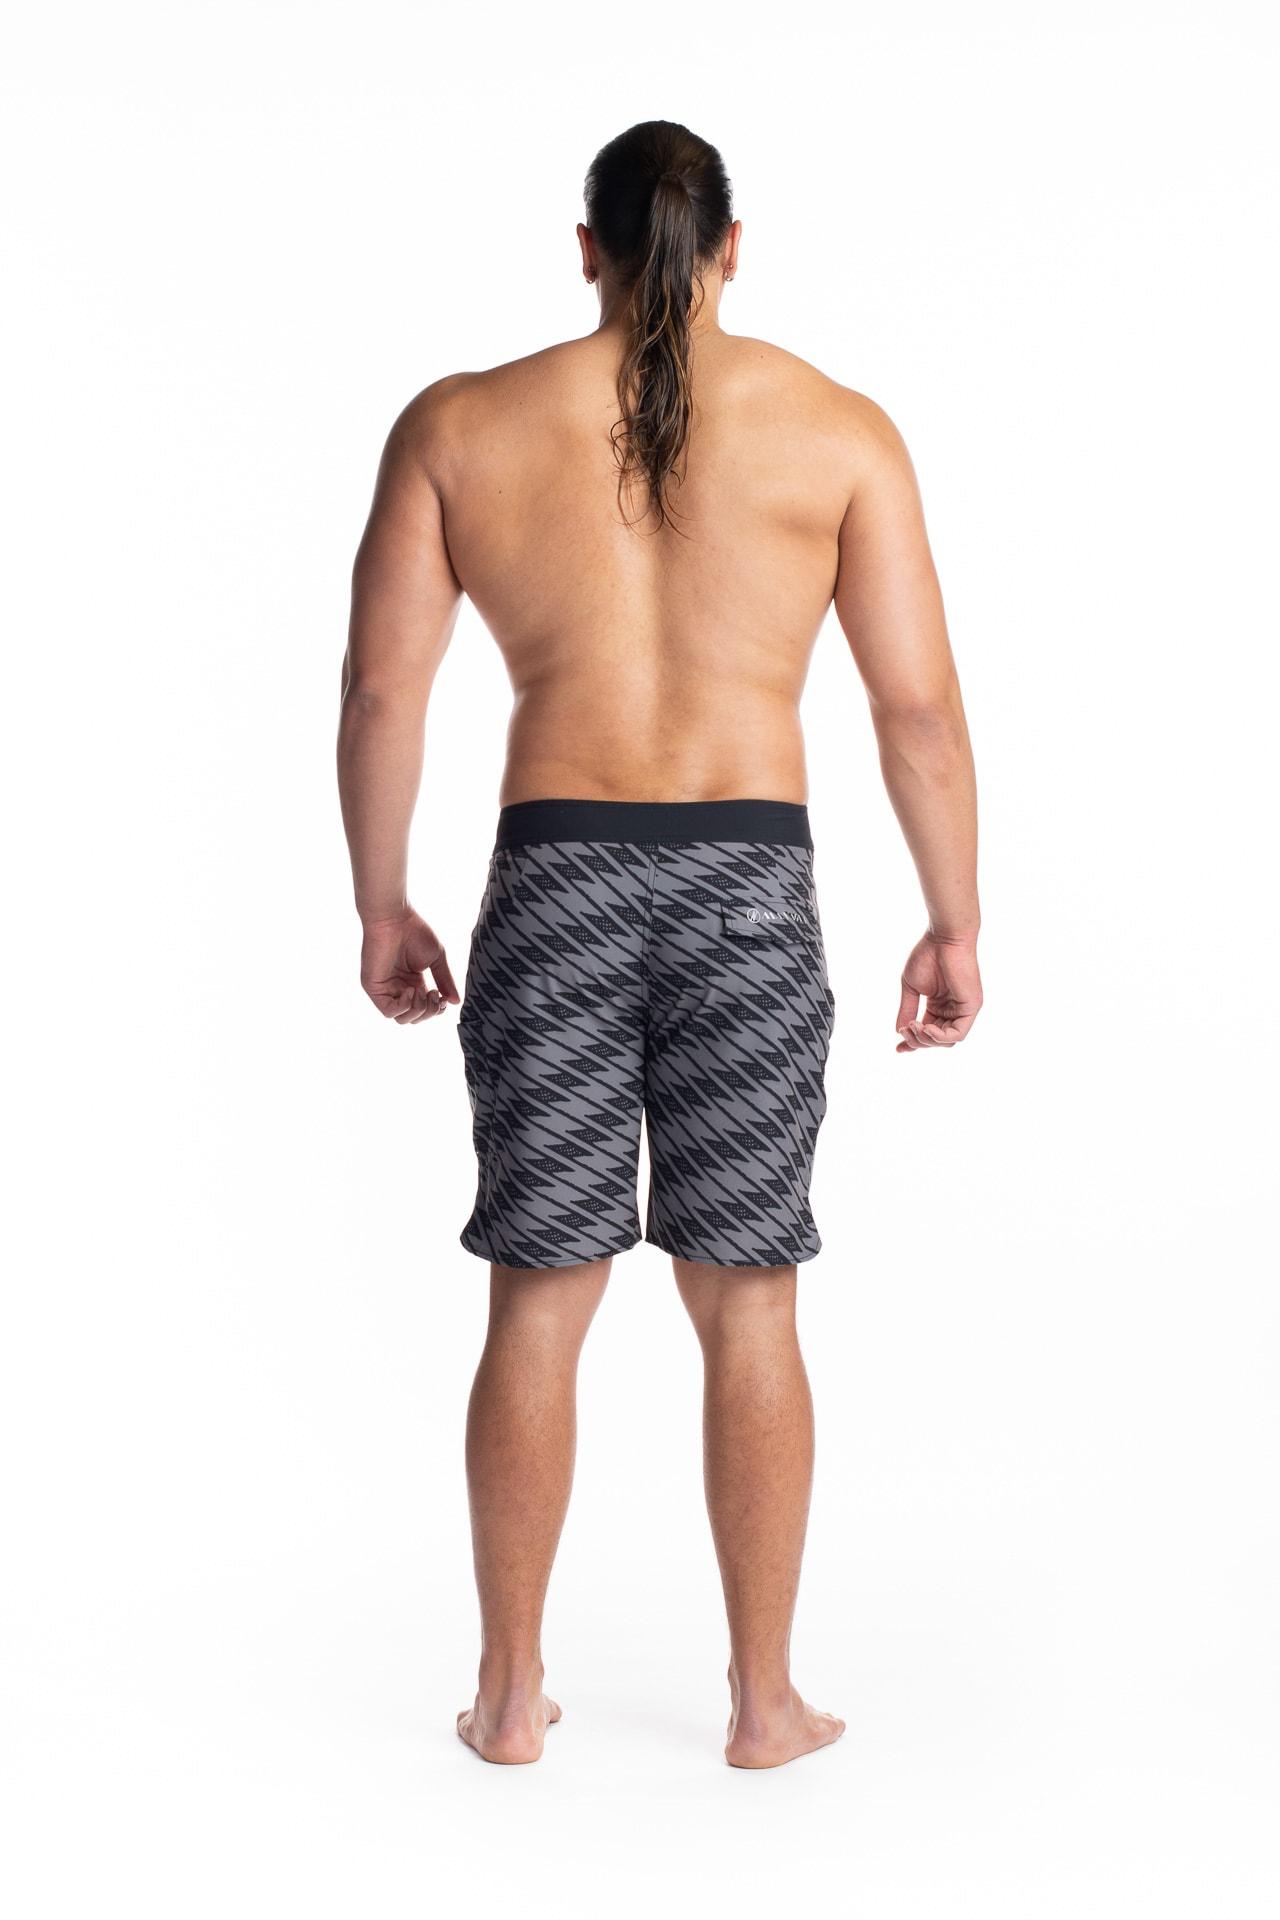 Male model wearing 4 Way Stretch in Black Grey Uwila - Back View